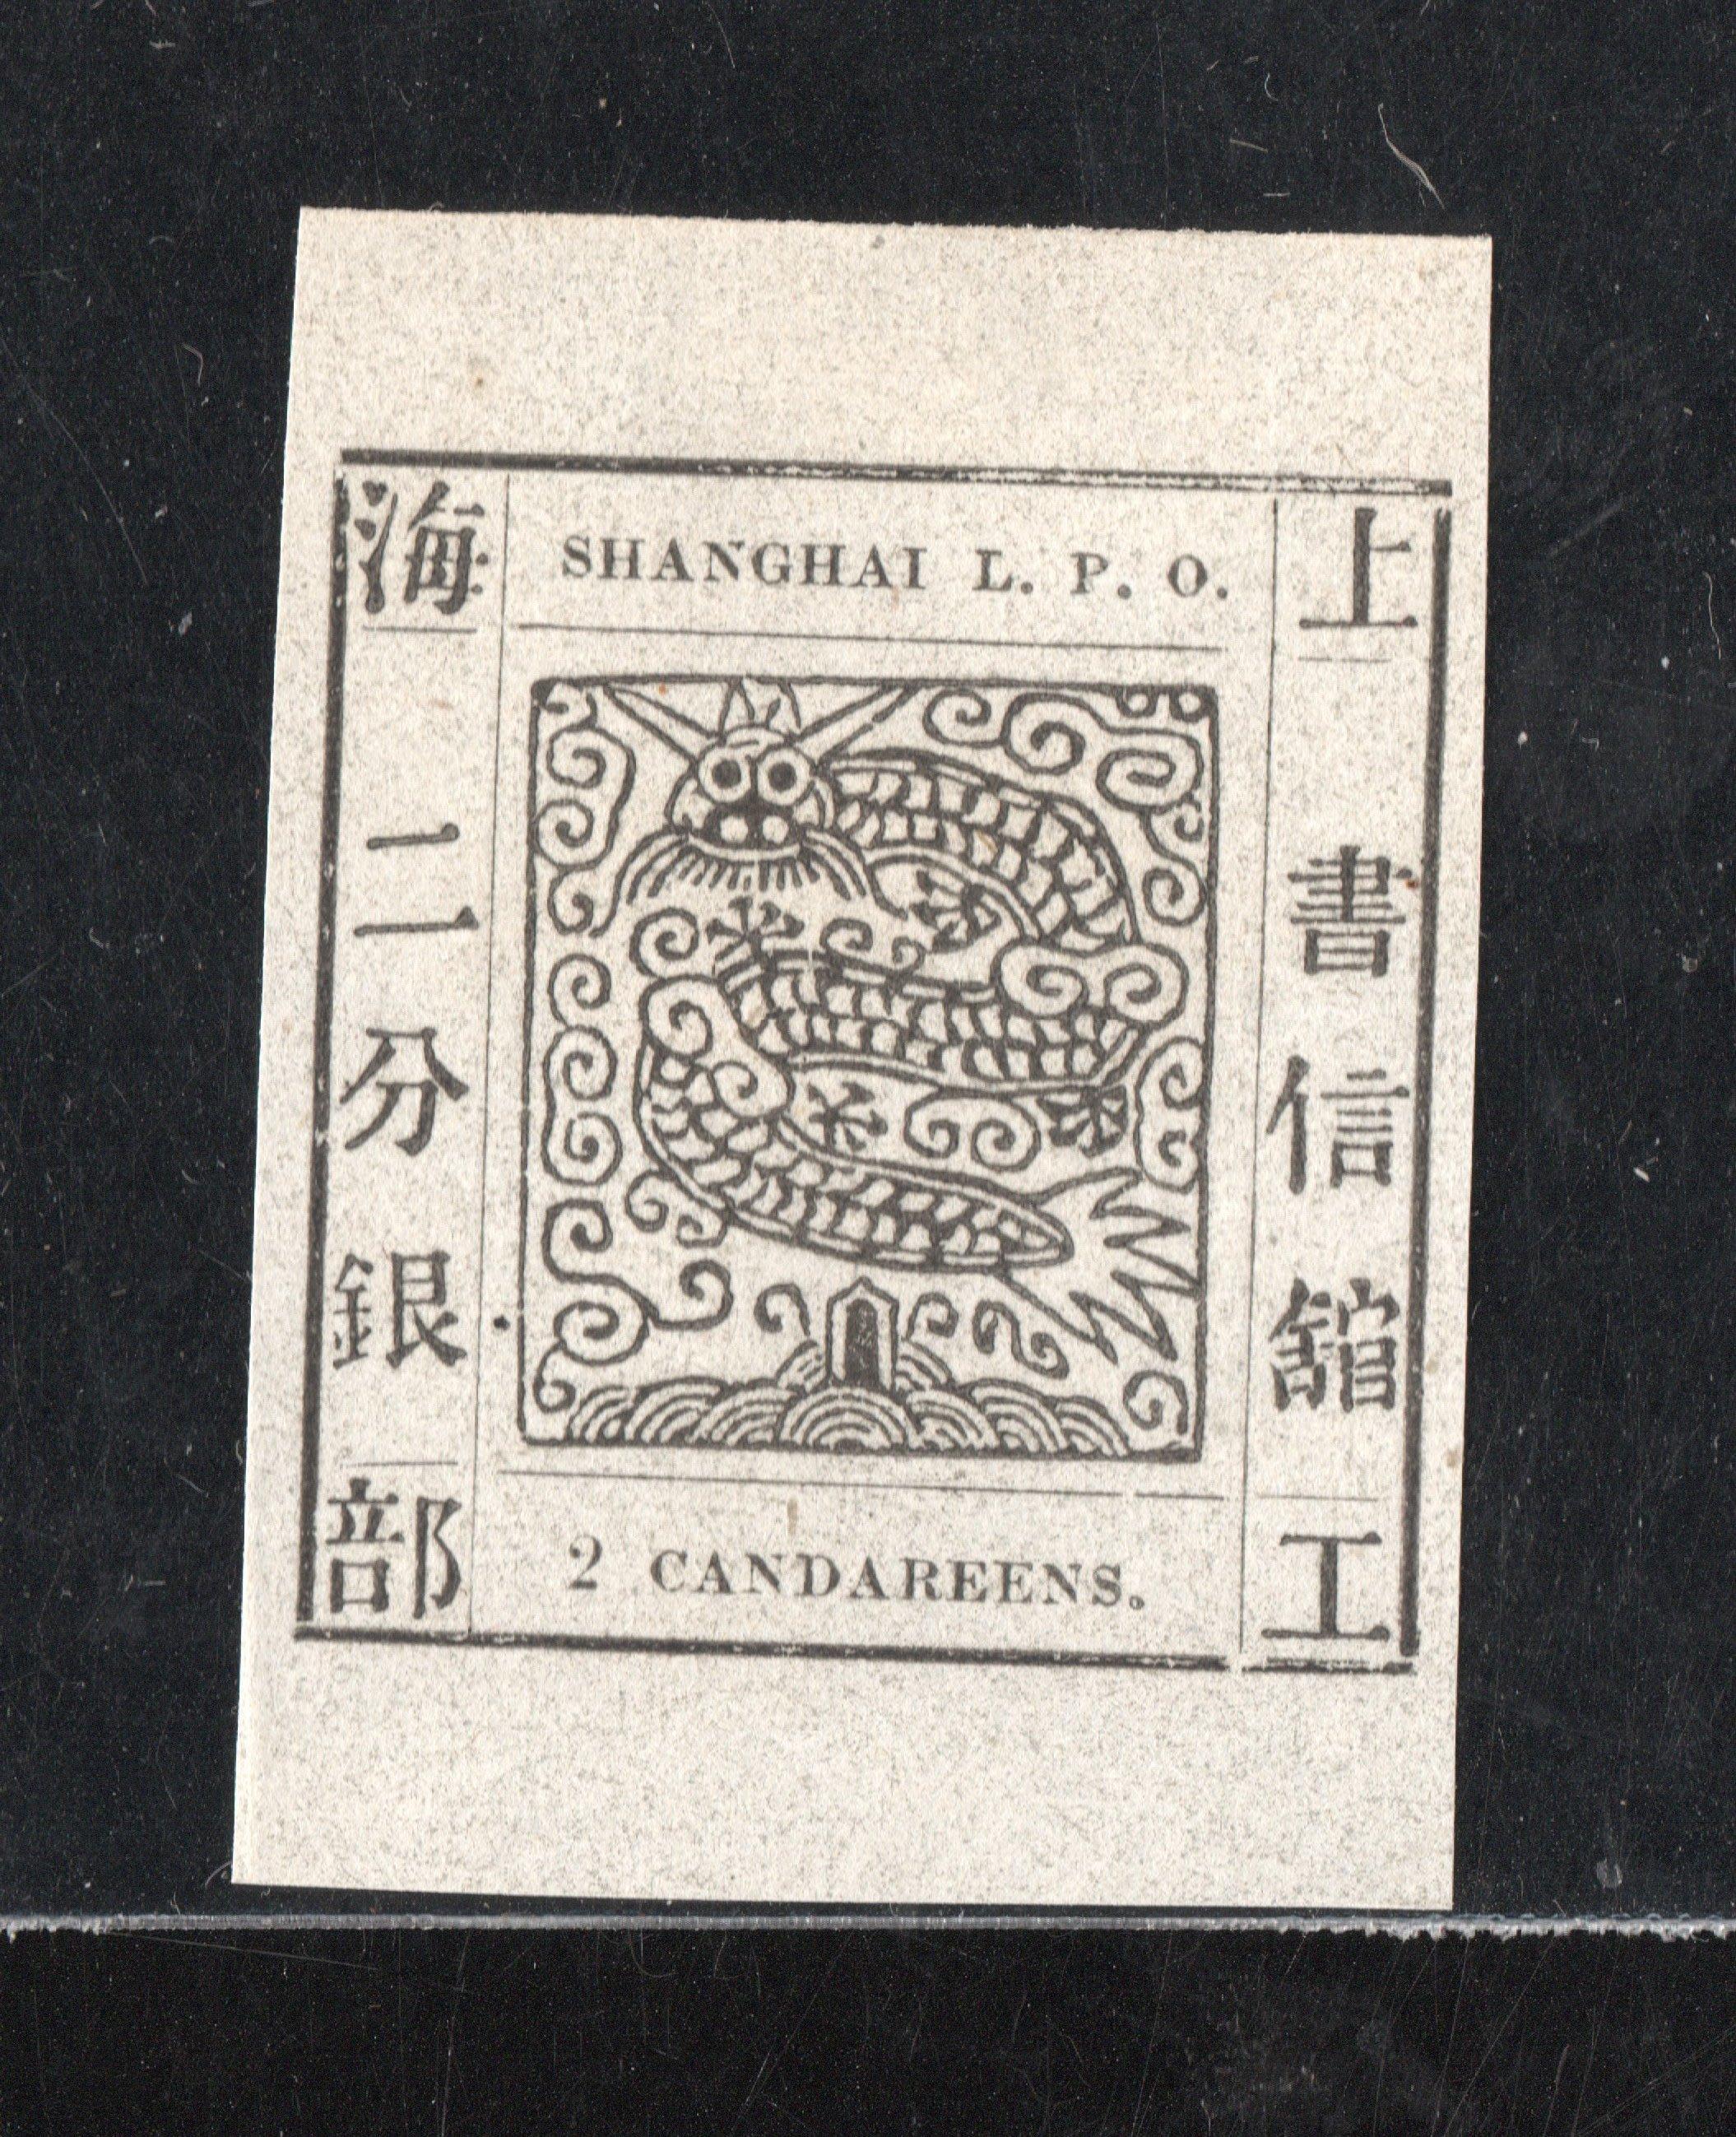 BB5 (代拍品)清代上海工部書信館大龍2分官方複印票版式#S-4新票罕少,品相請詳參各圖示。